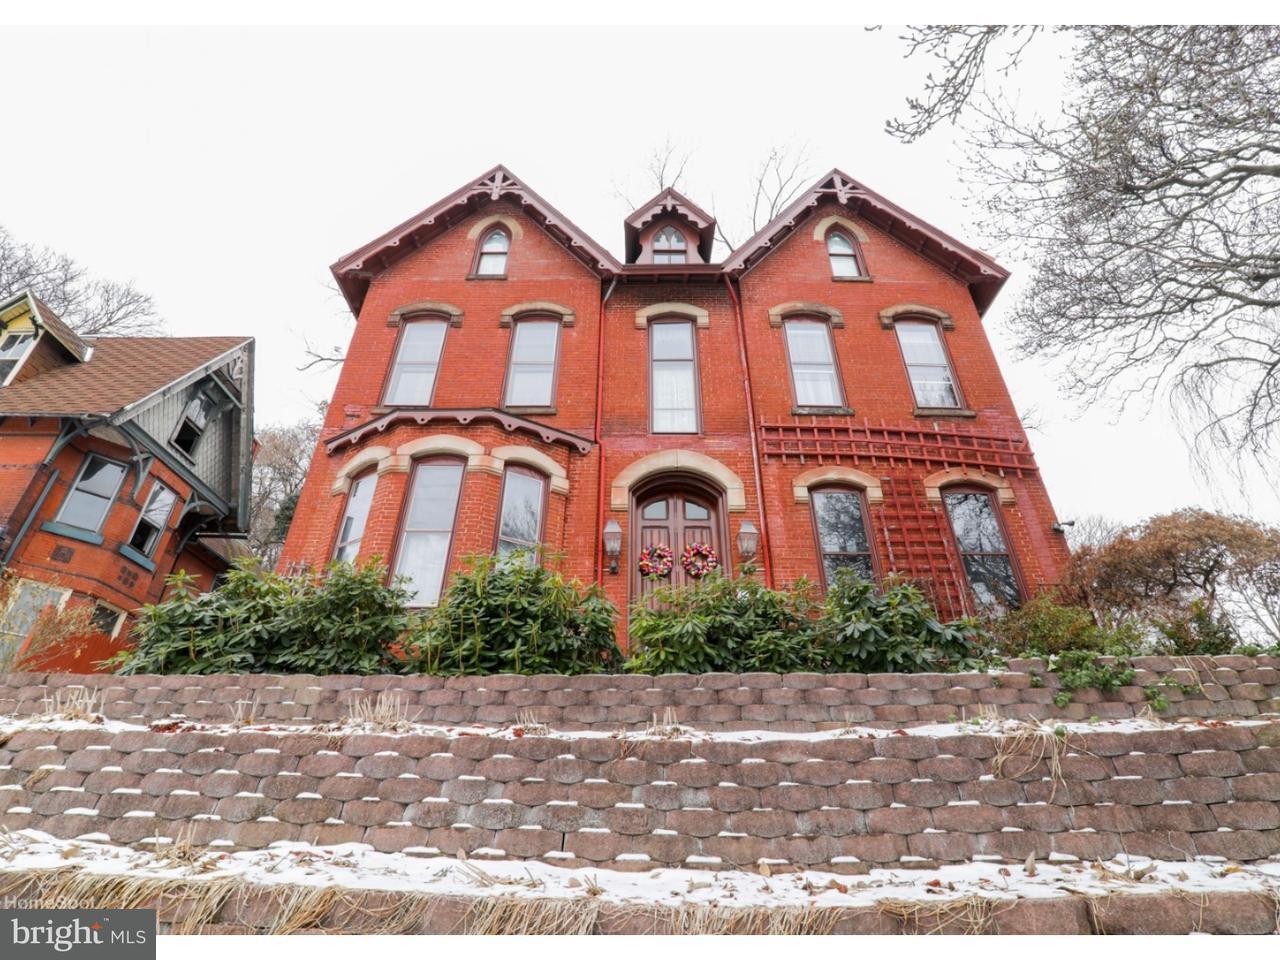 Частный односемейный дом для того Продажа на 315 S CENTRE Street Pottsville, Пенсильвания 17901 Соединенные Штаты